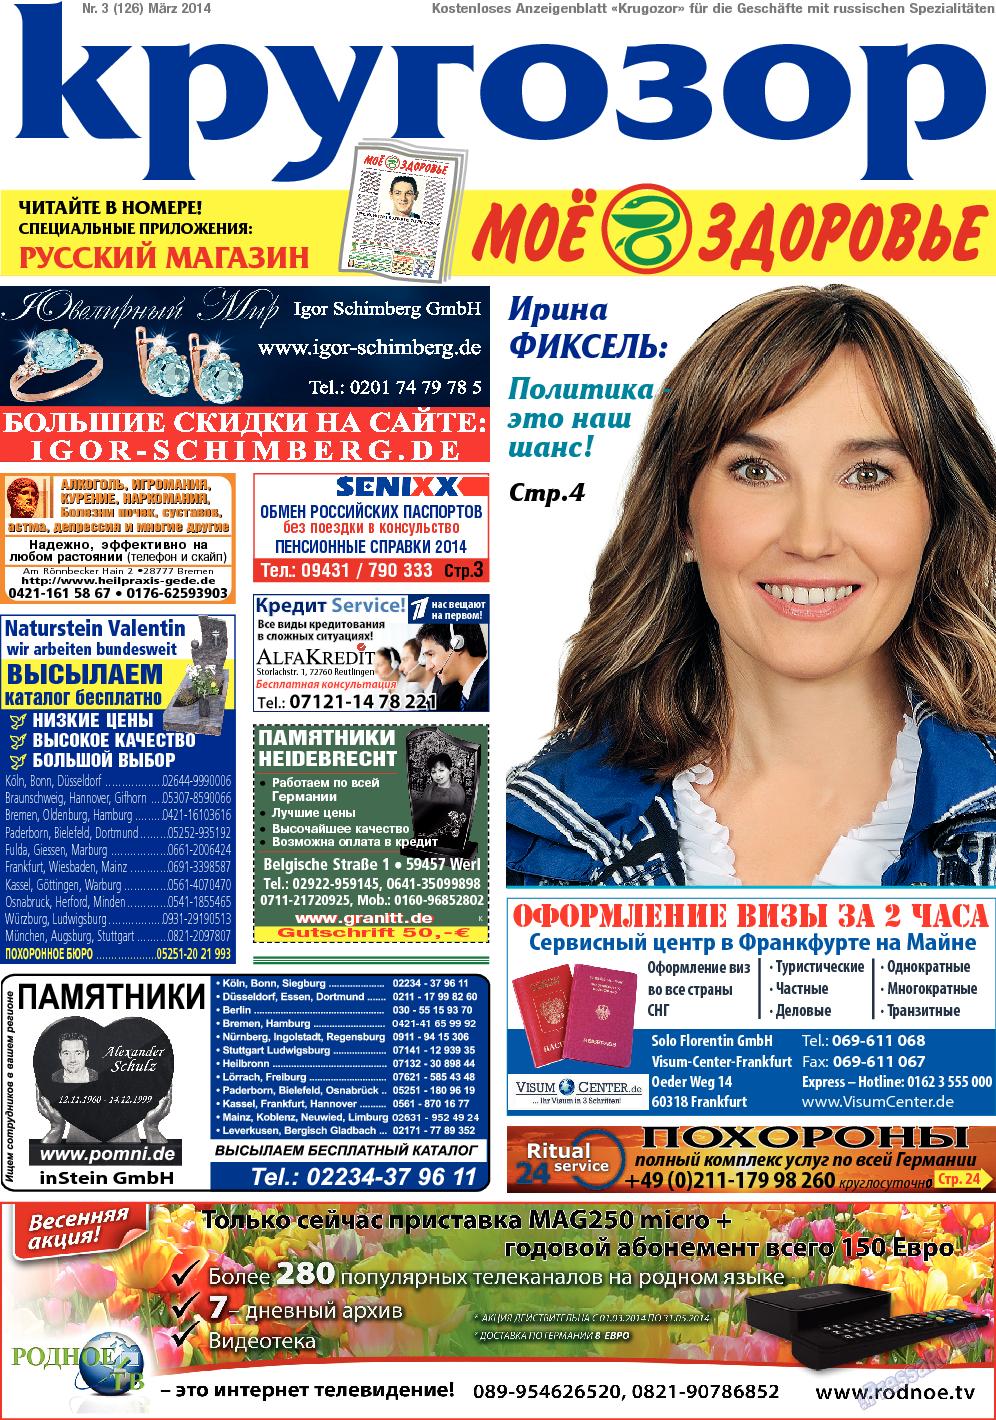 Кругозор (газета). 2014 год, номер 3, стр. 1